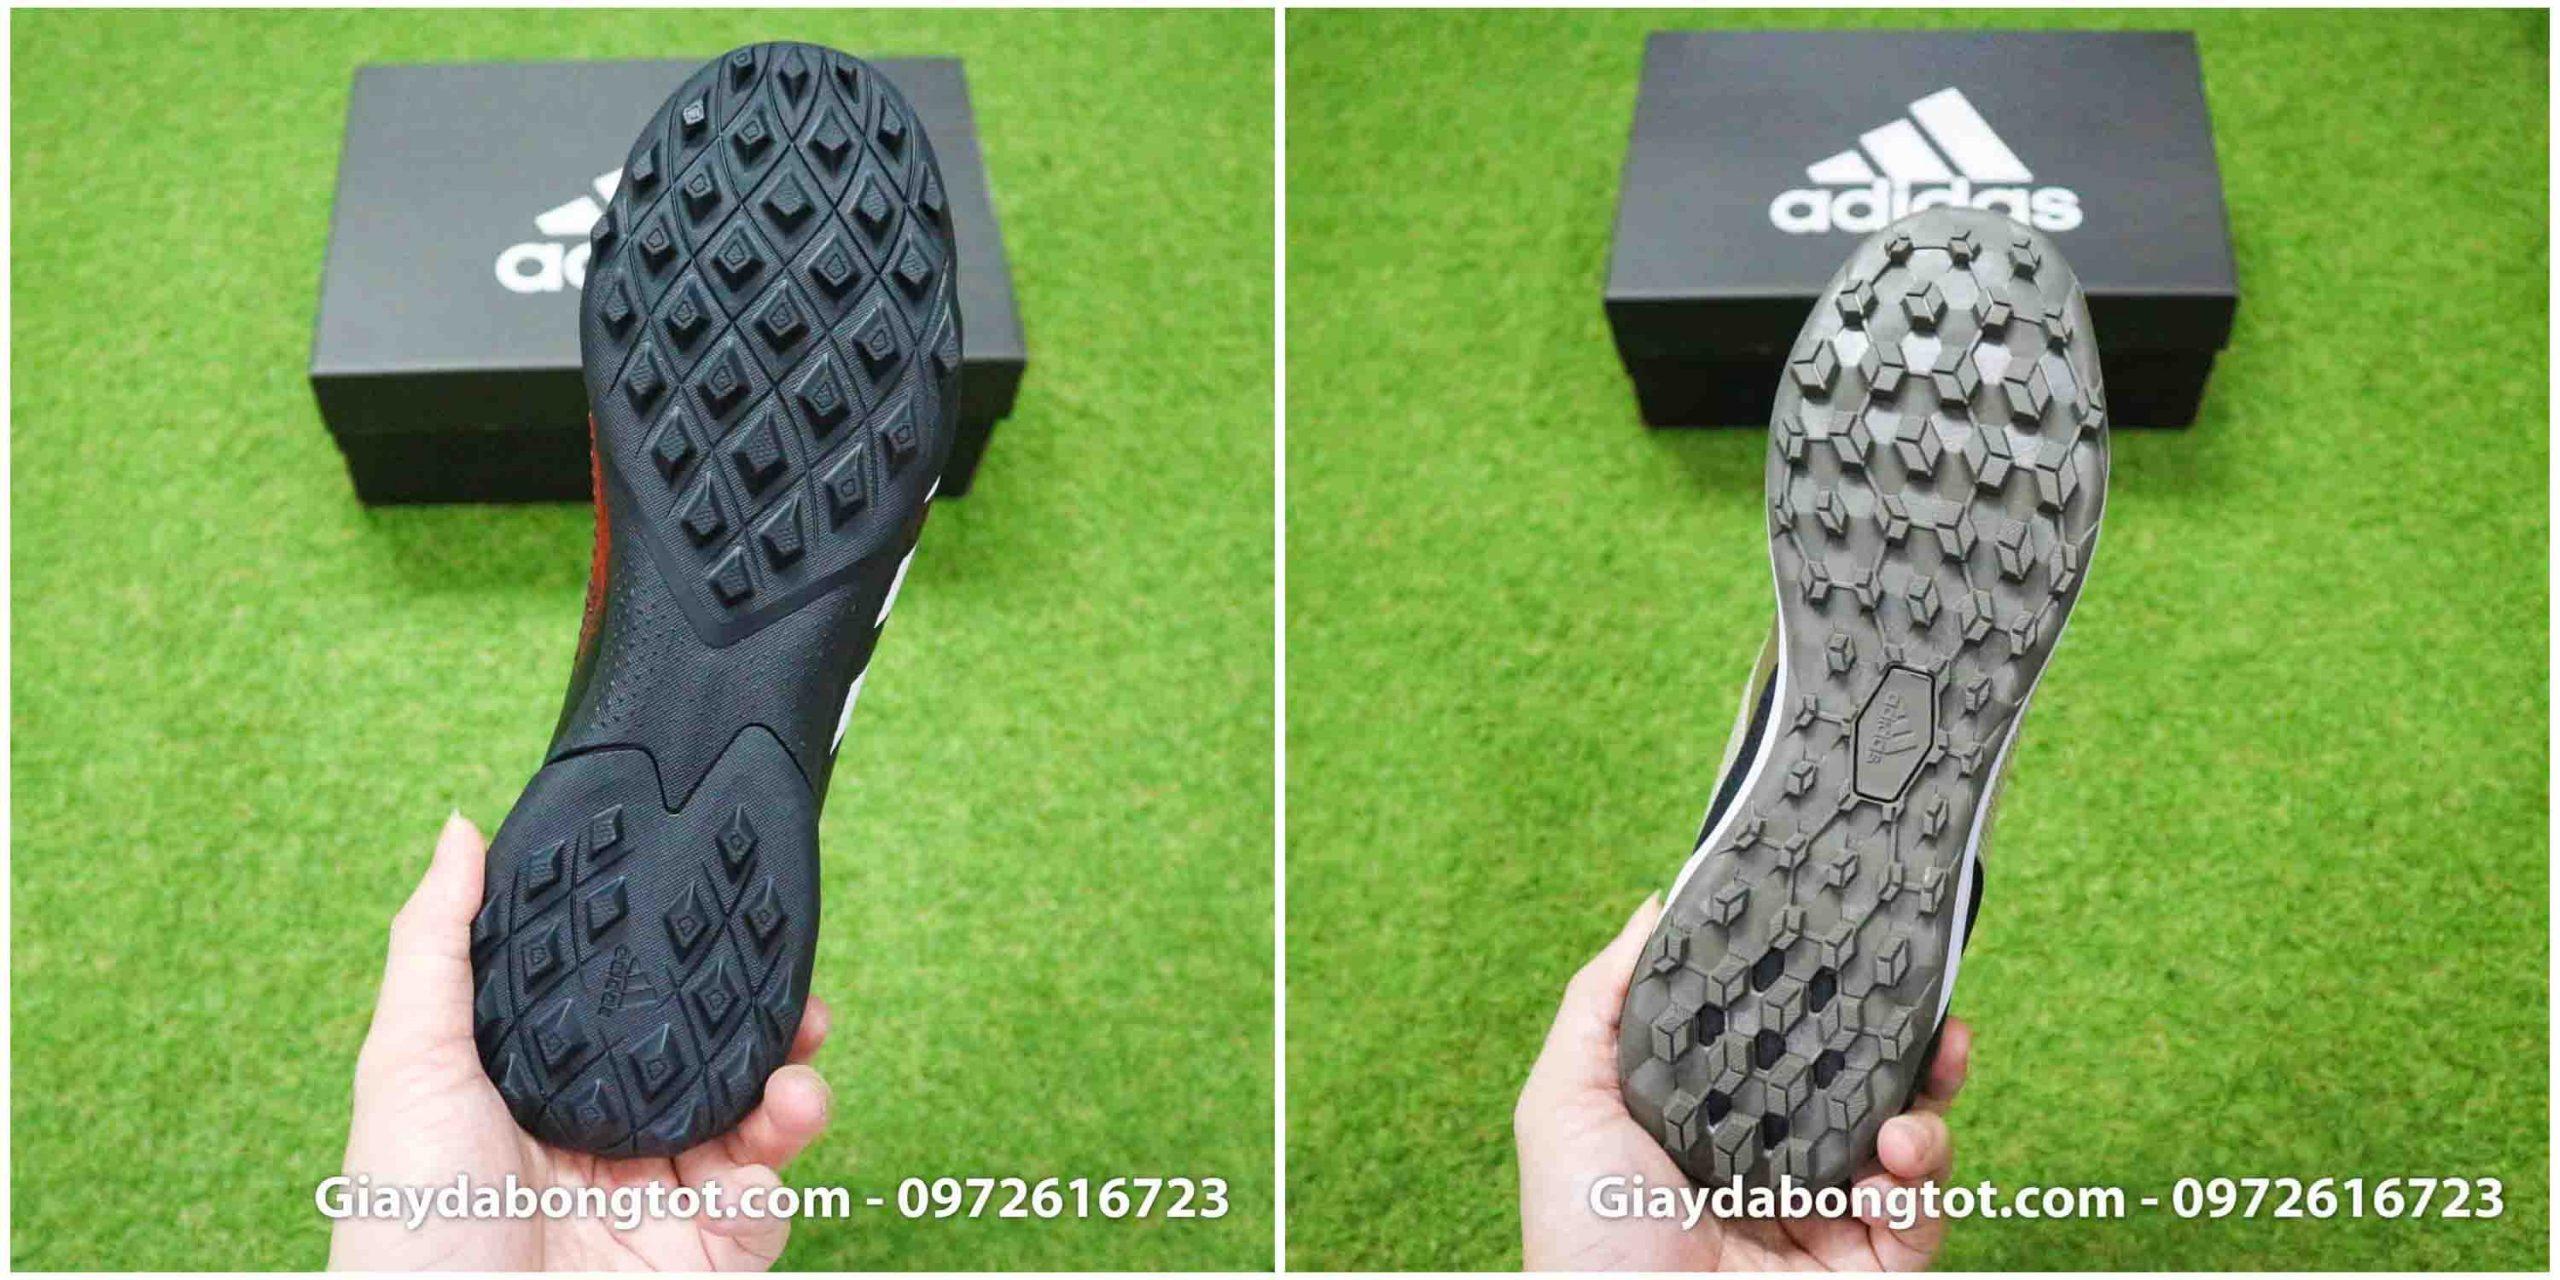 Thiết kế đế giày đá bóng Adidas Predator 20.3 TF và 19.3 TF